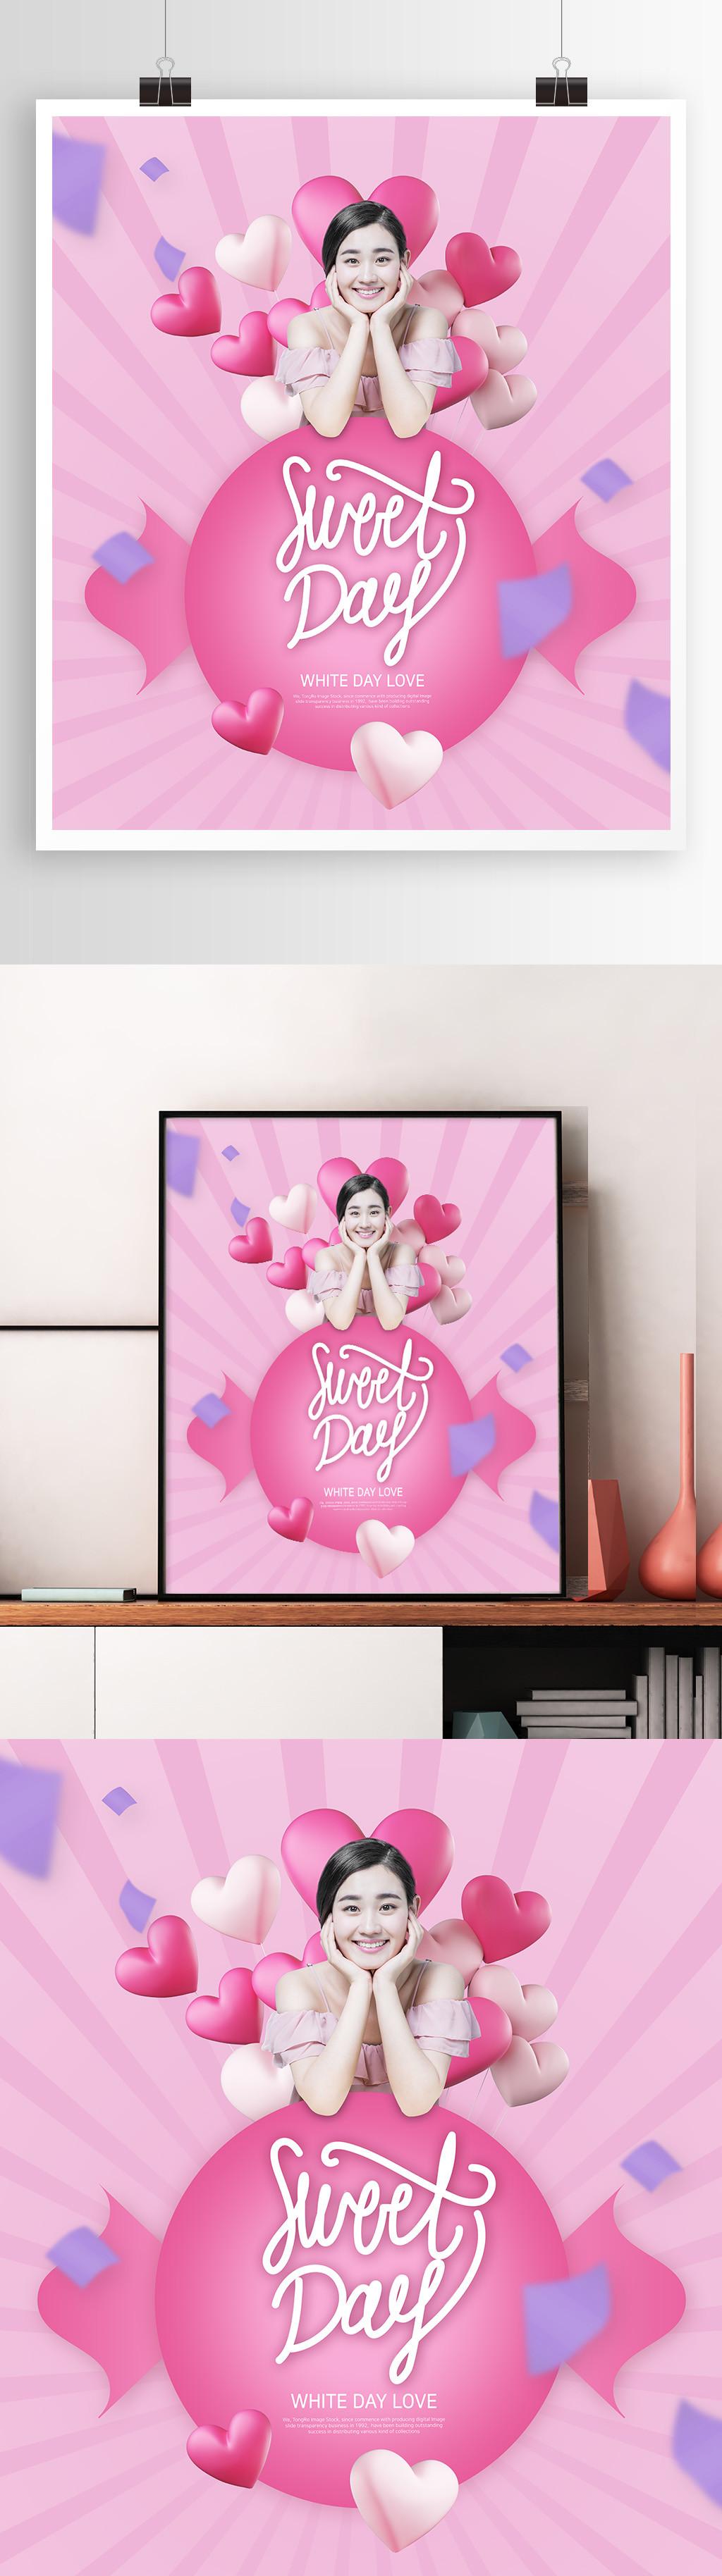 粉色时尚扁平化情人节海报Valentine's Day04